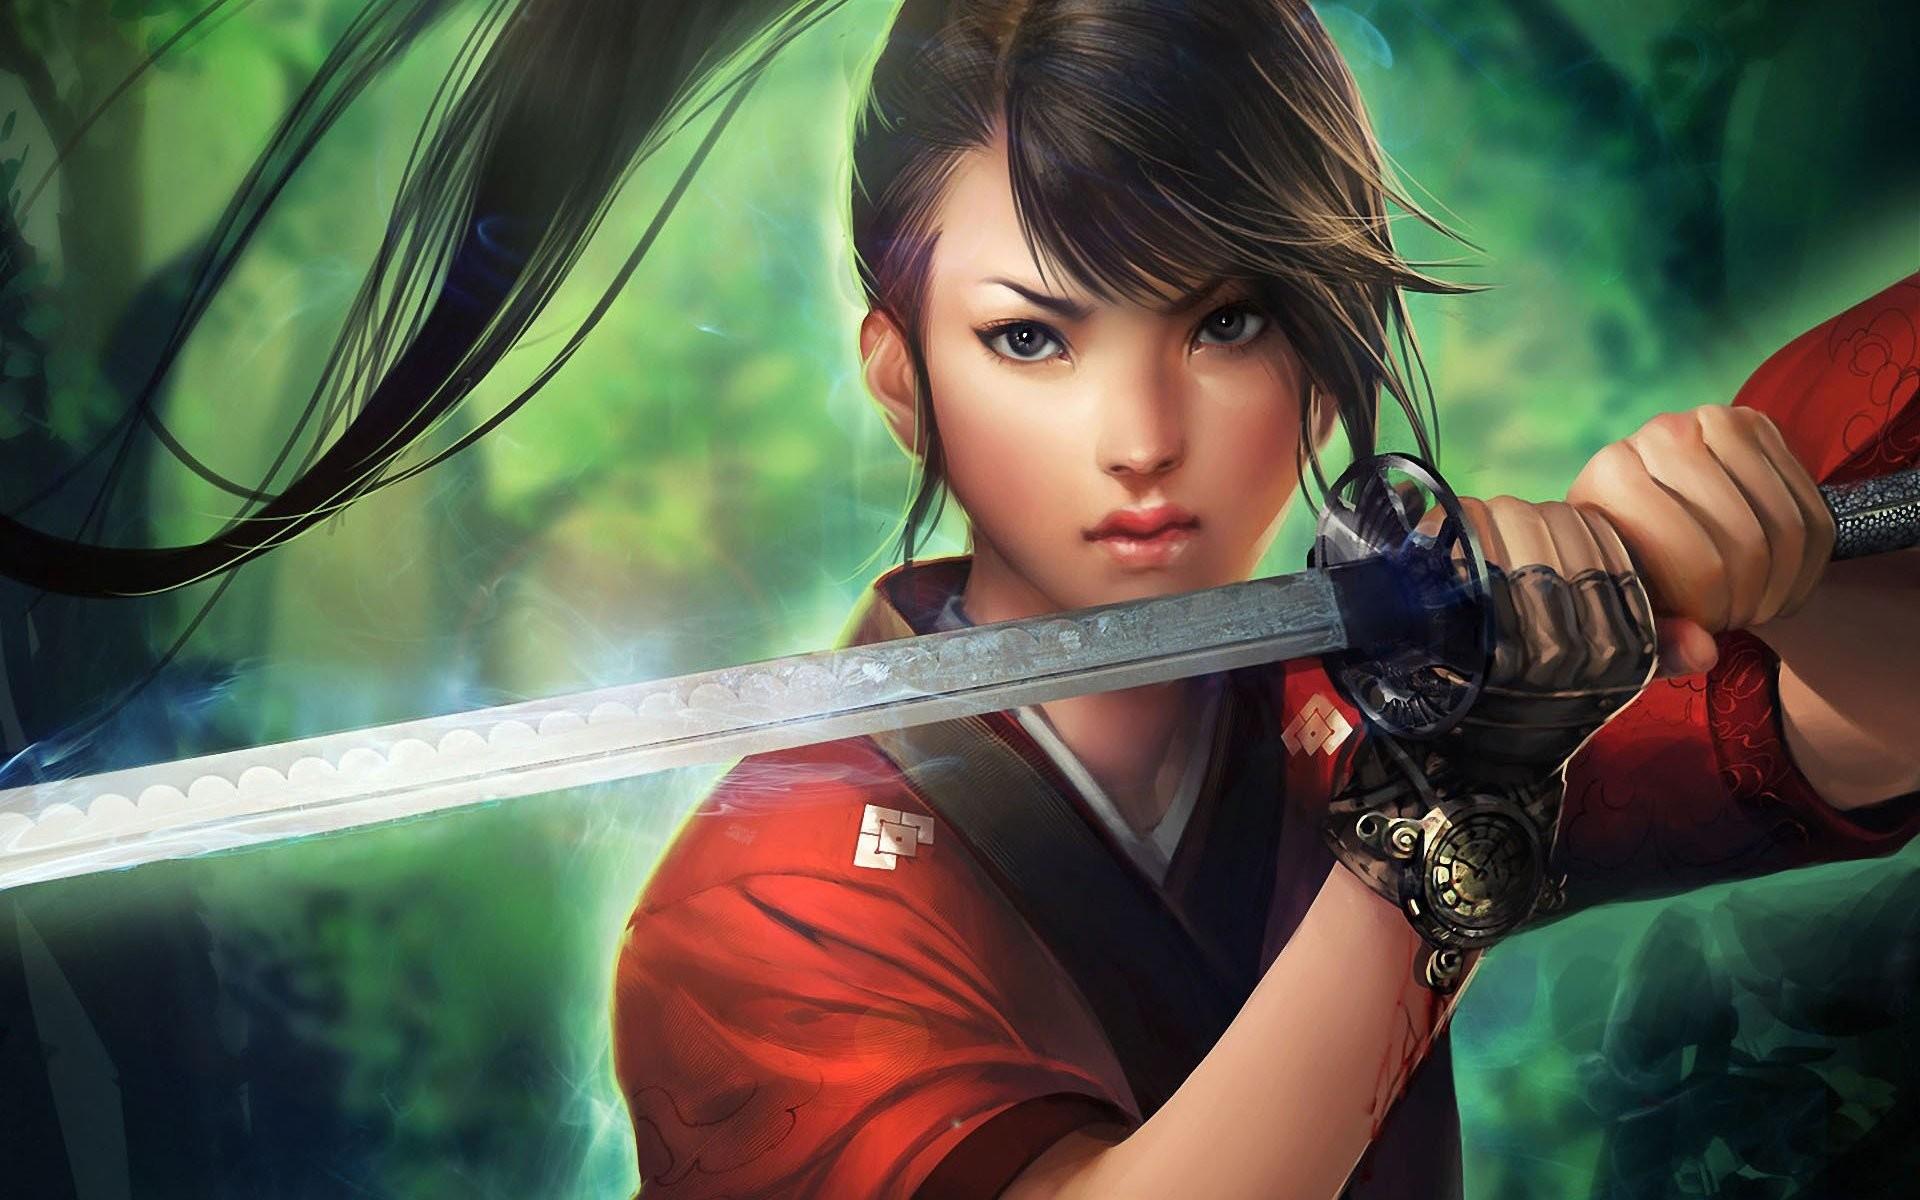 Anime samurai girl sword long hair forest wallpaper     628201    WallpaperUP